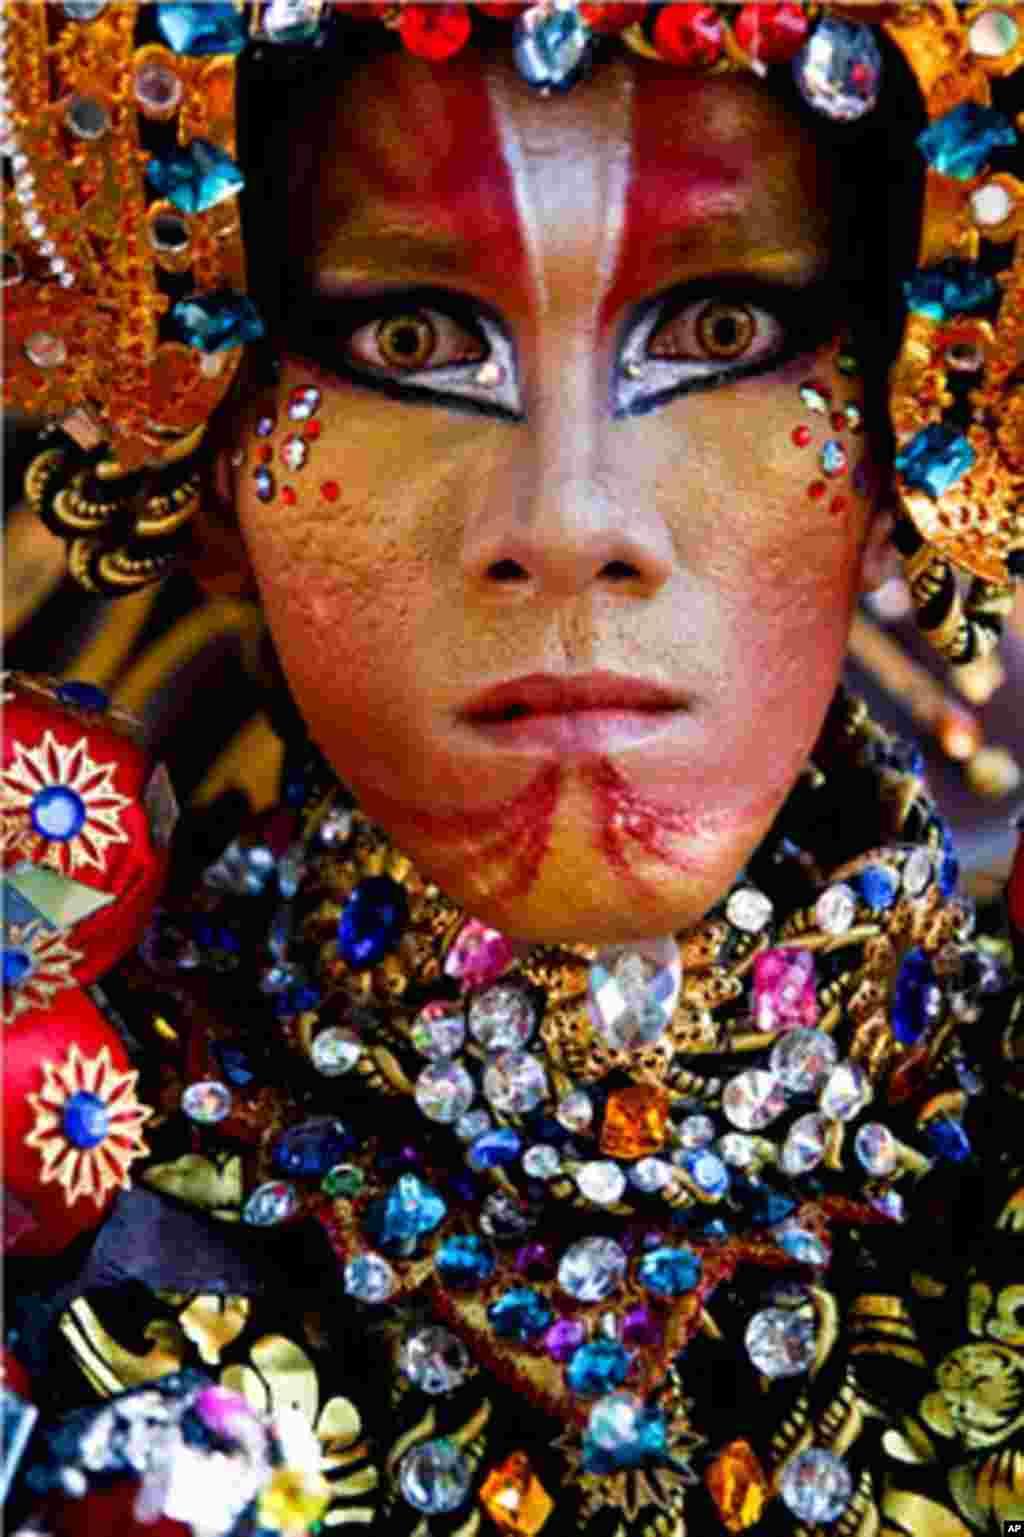 Bằng Danh Dự - Một hình ảnh của ngày Lễ Hội Thời Trang ở Jember, Indonesia năm 2011 (Ảnh: Nizar Arsyadani)